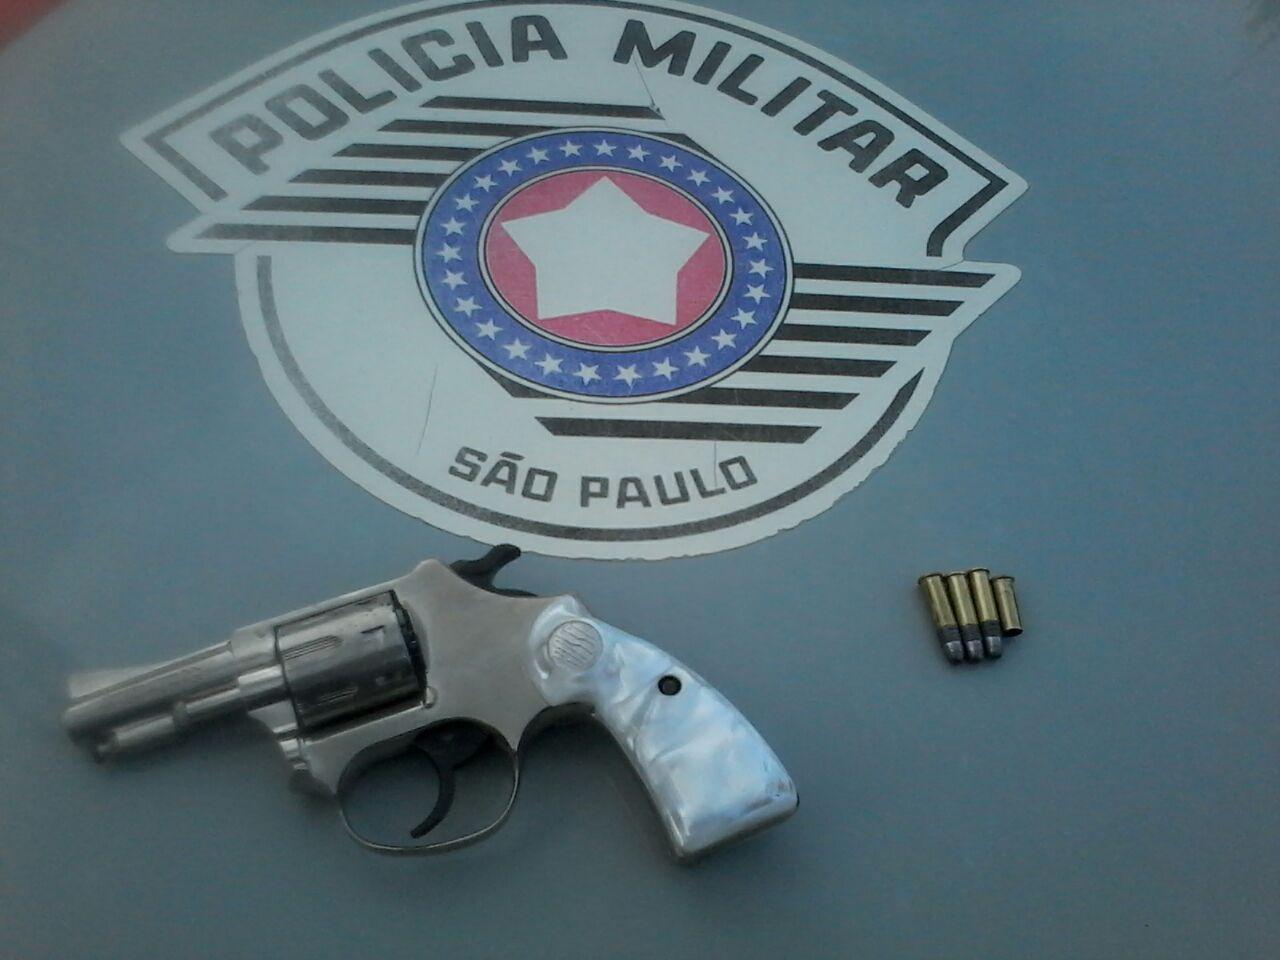 Arma apreendida pela Polícia Militar, em Guaratinguetá (Foto: Divulgação PM)